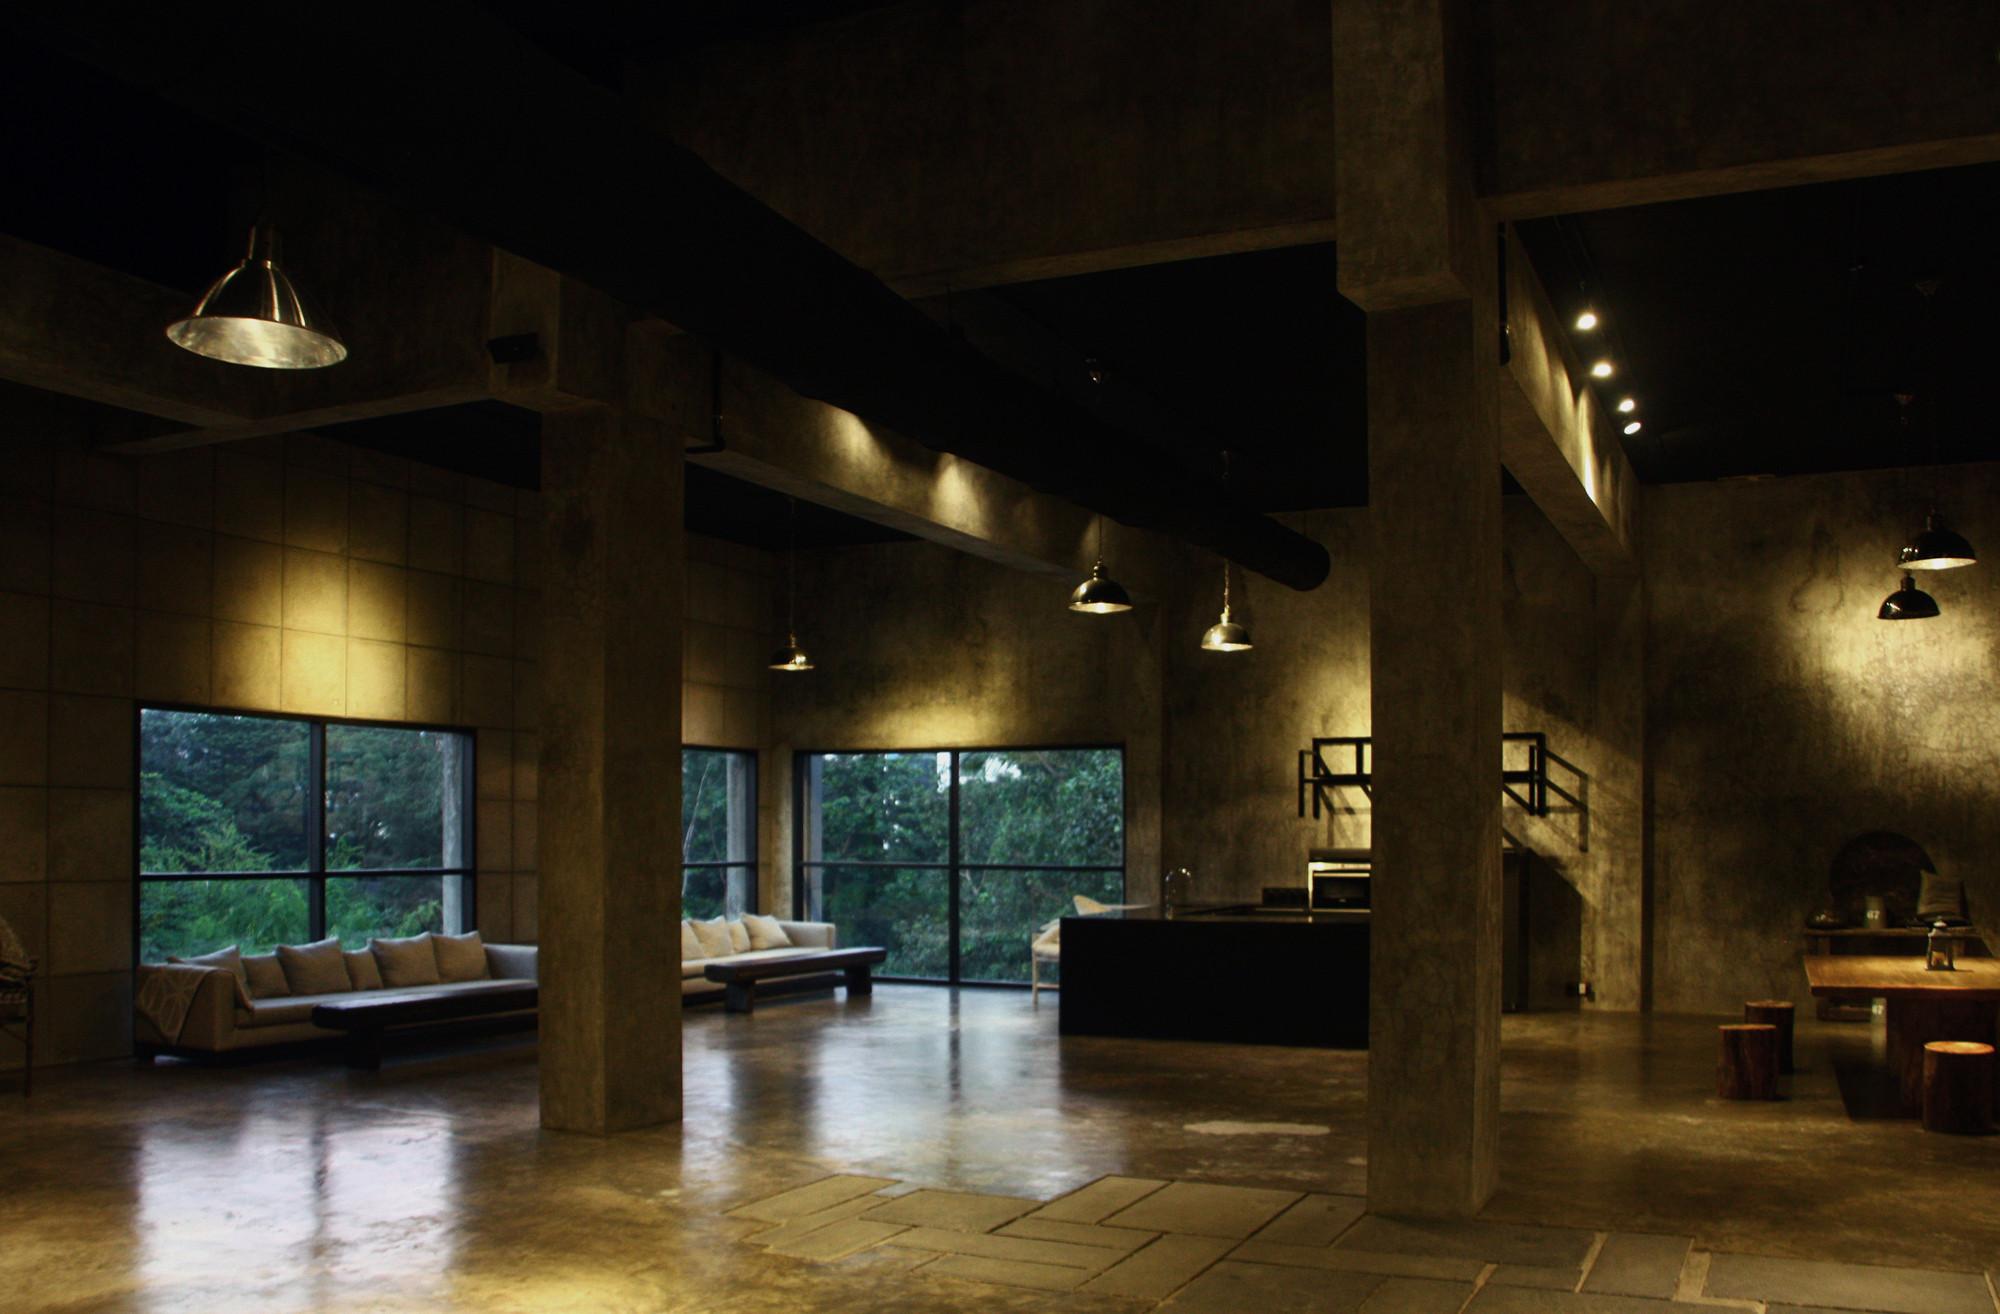 Concrete 0023 / studio eight twentythree